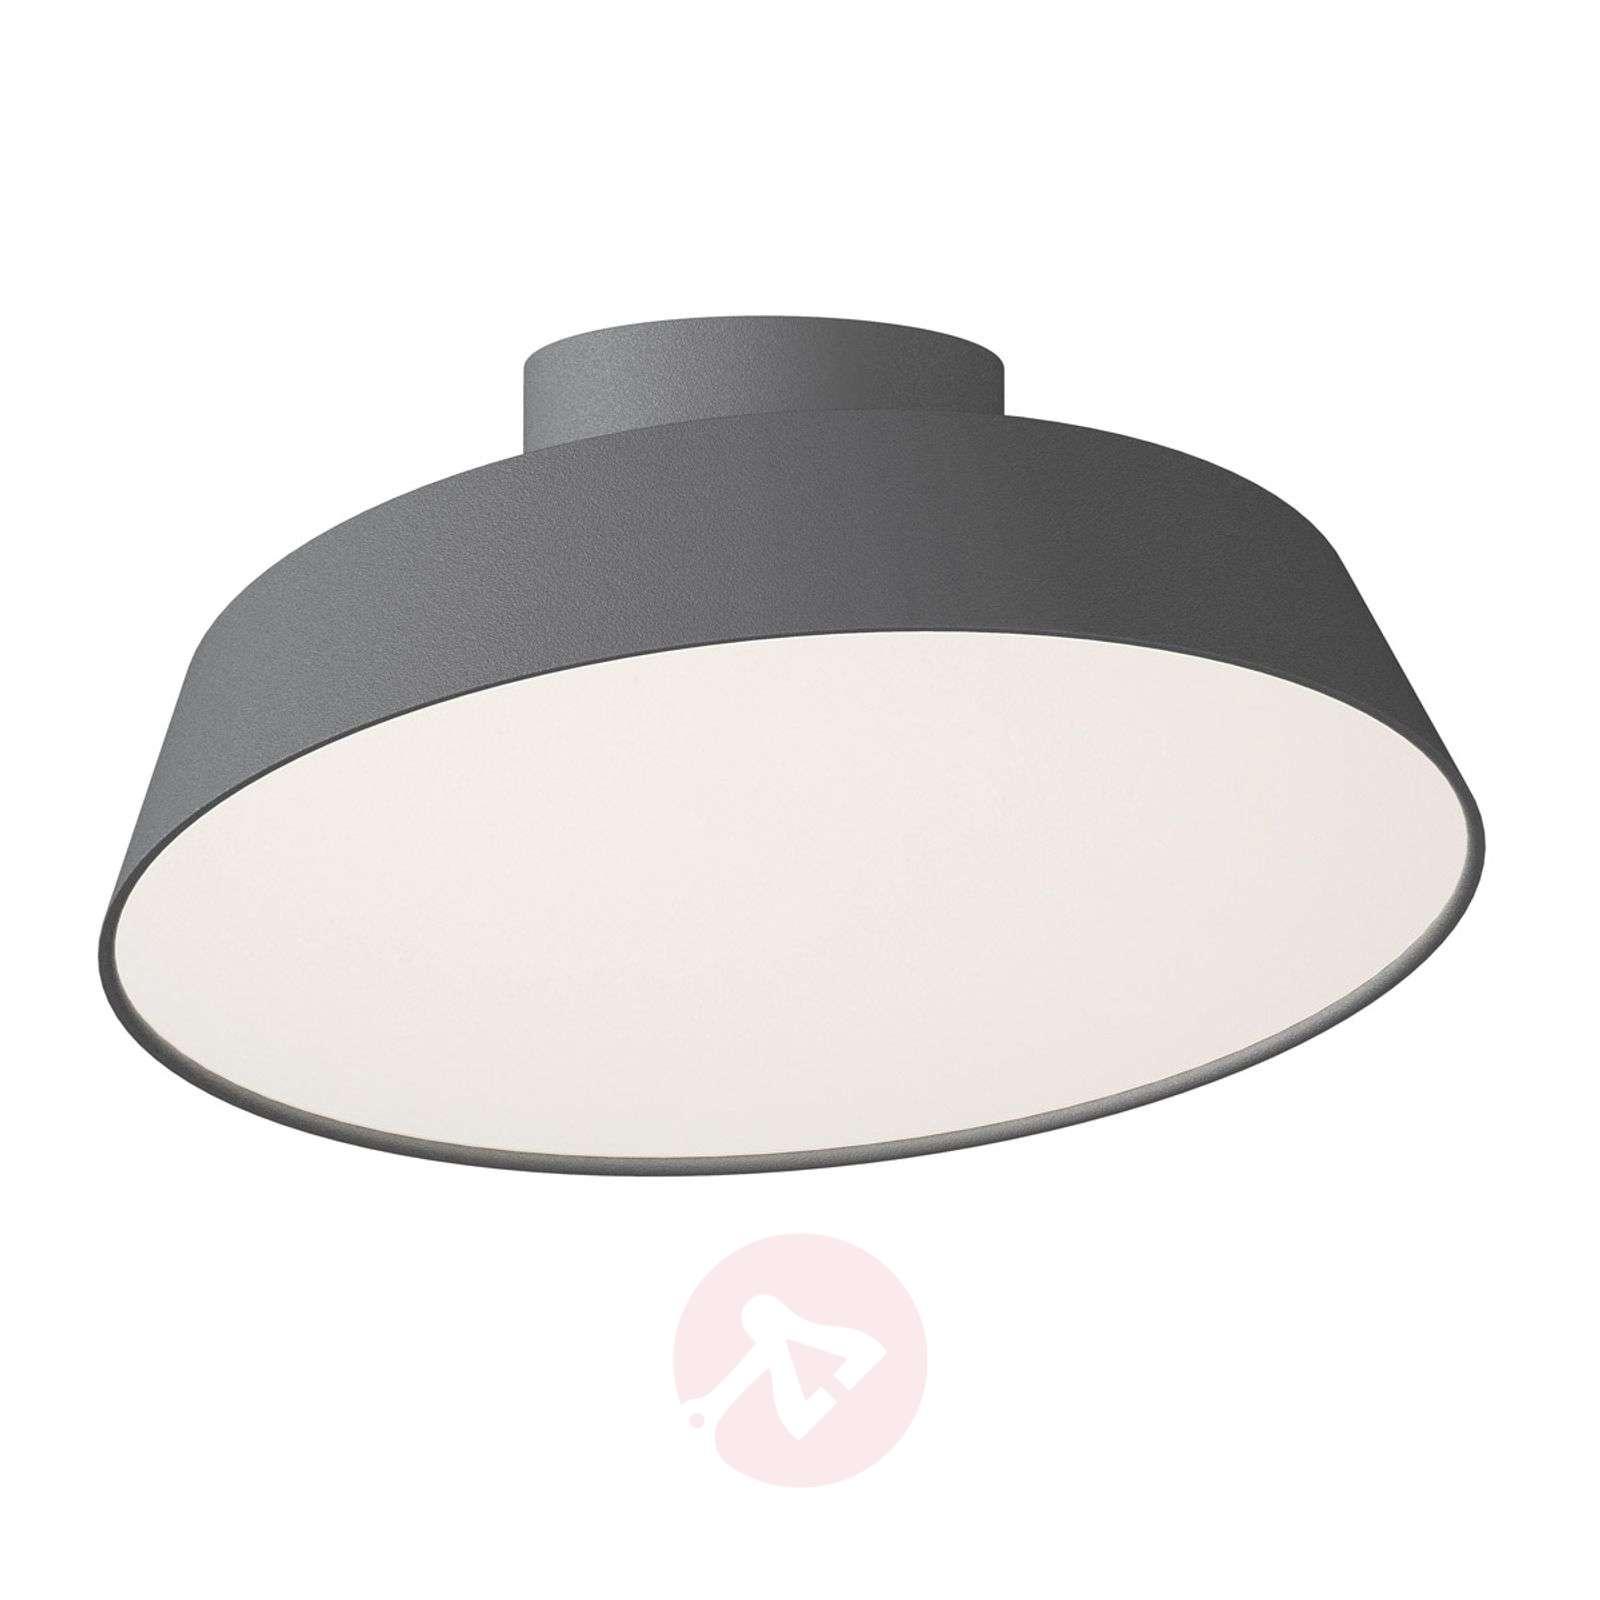 Harmaa LED-kattolamppu Alba, käännettävä varjostin-7005962-01